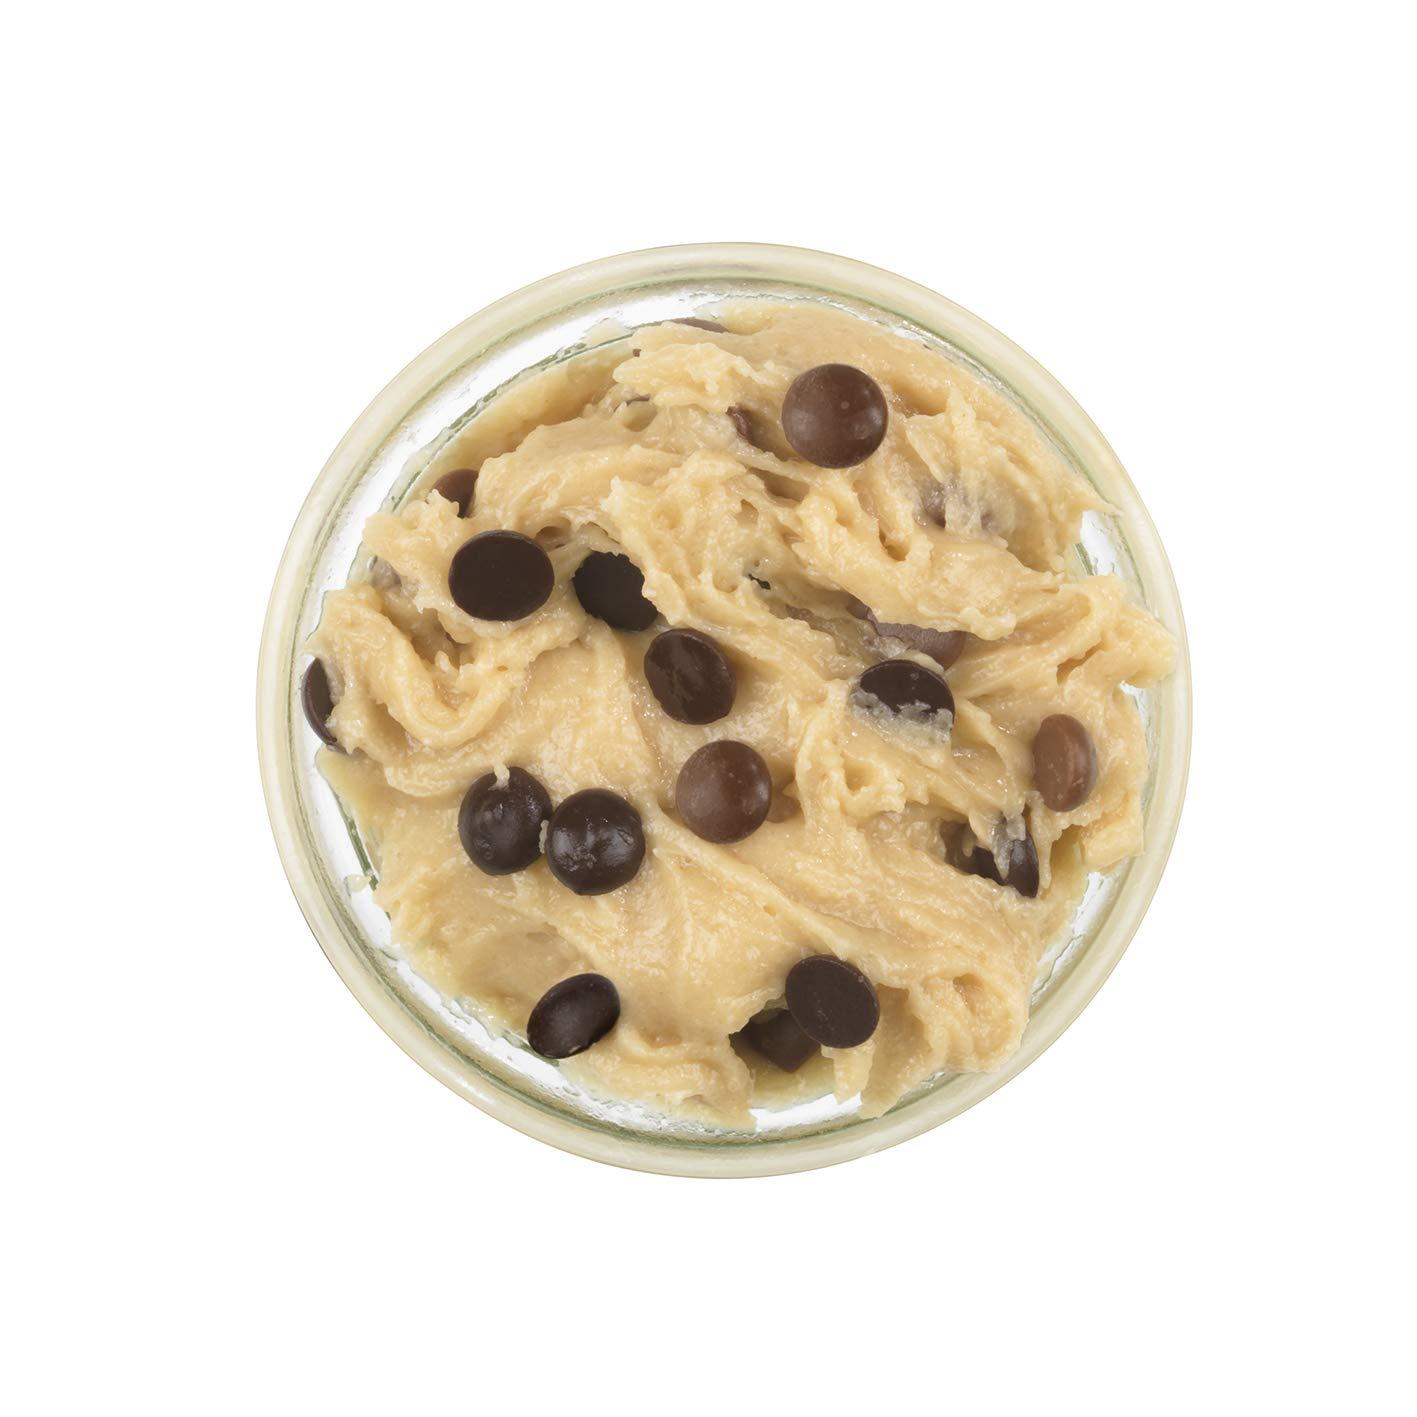 Spooning Cookie Dough Leckerer Keksteig Zum Naschen Backen Und Als